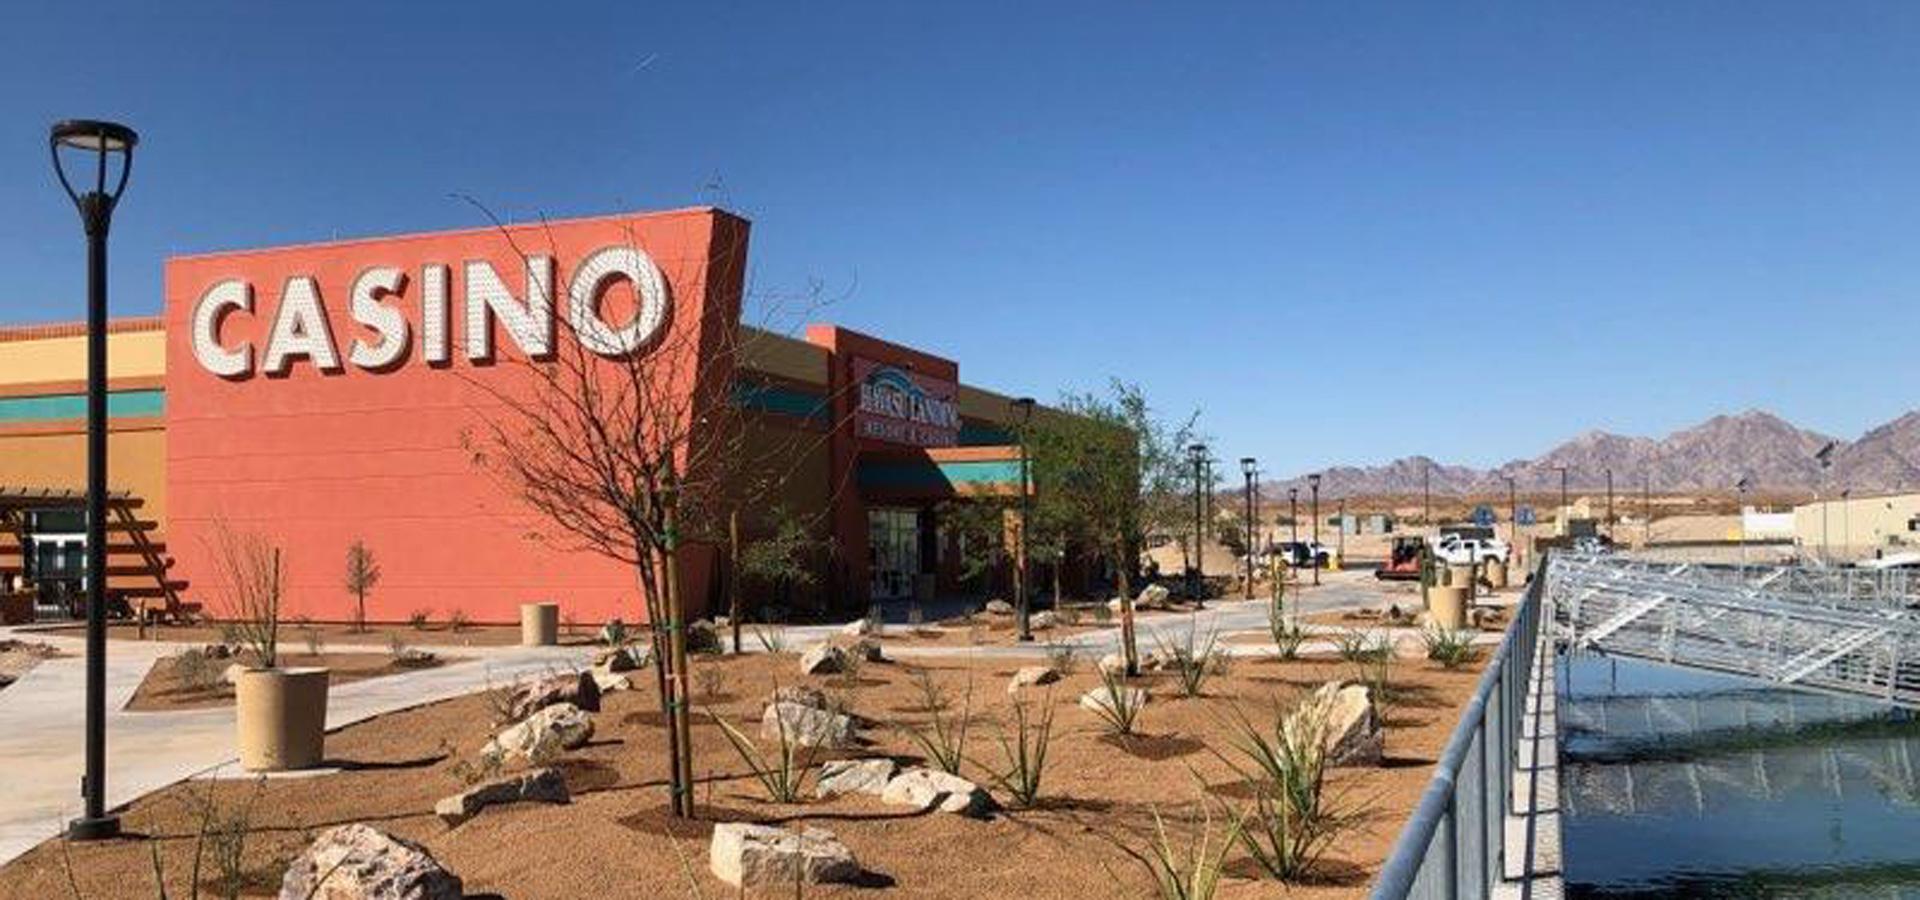 Casinos near lake havasu city arizona boyle casino